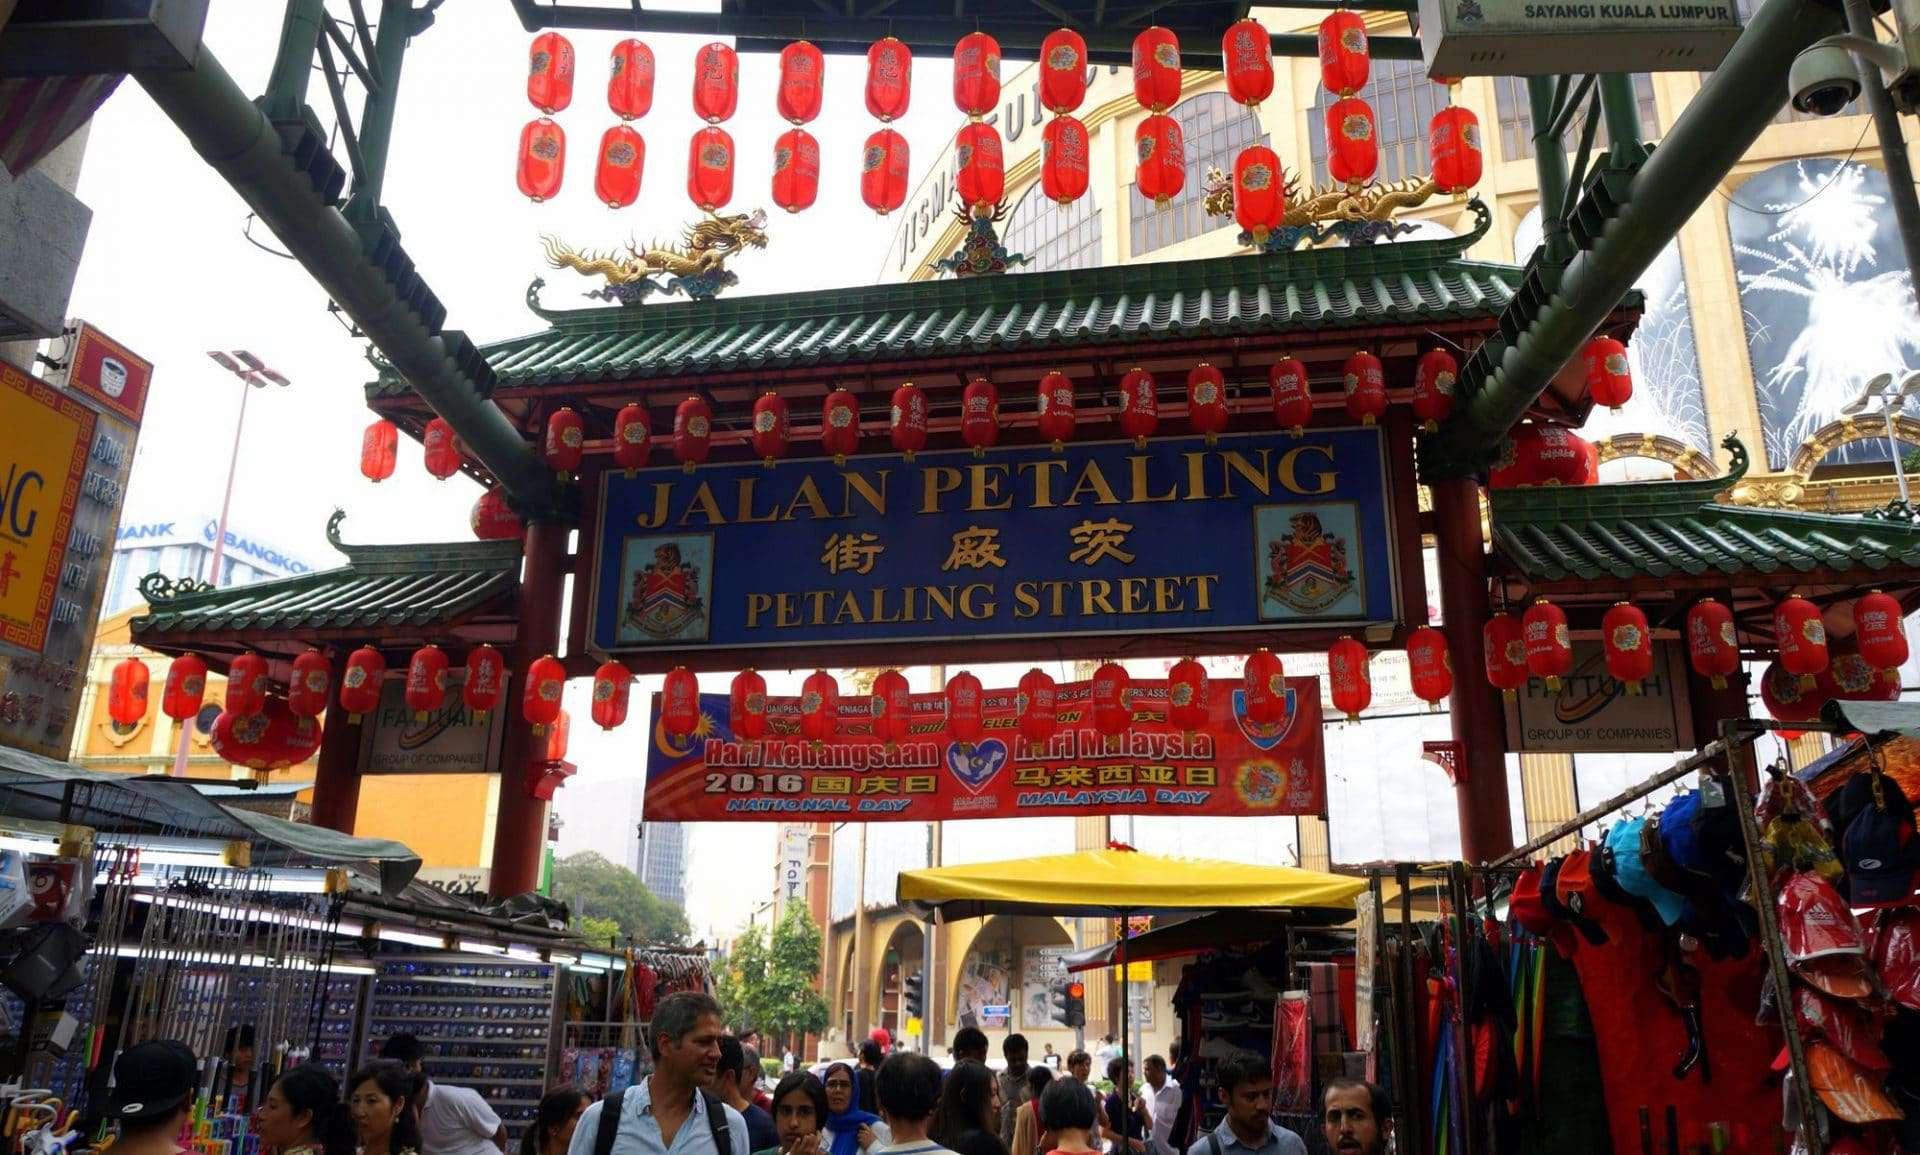 chinatown_kuala_lumpur_petaling_street